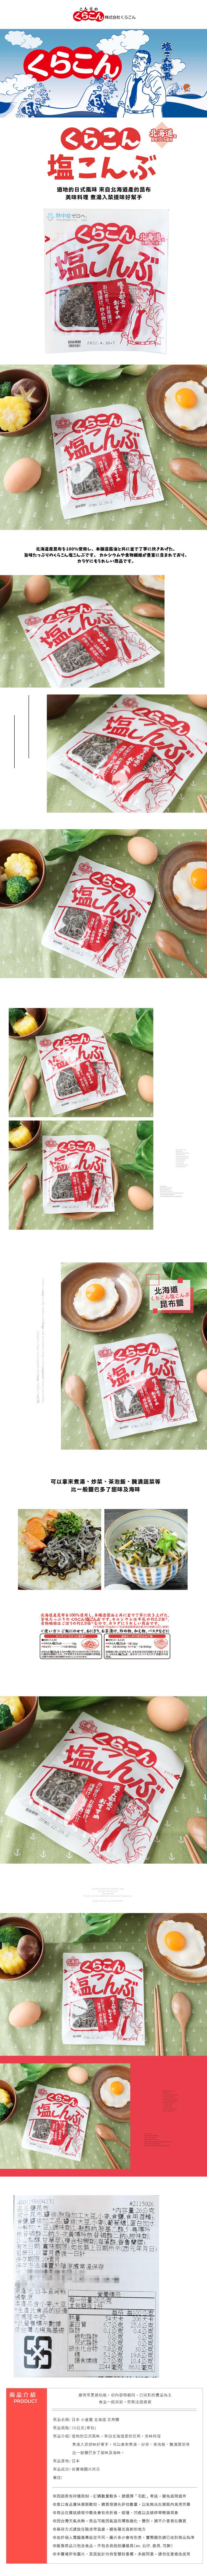 日本 北海道 昆布鹽 28g 小包裝 海帶 昆布 鹽昆布 鹽部長 塩部長 煮湯 炒菜【SA Girl】